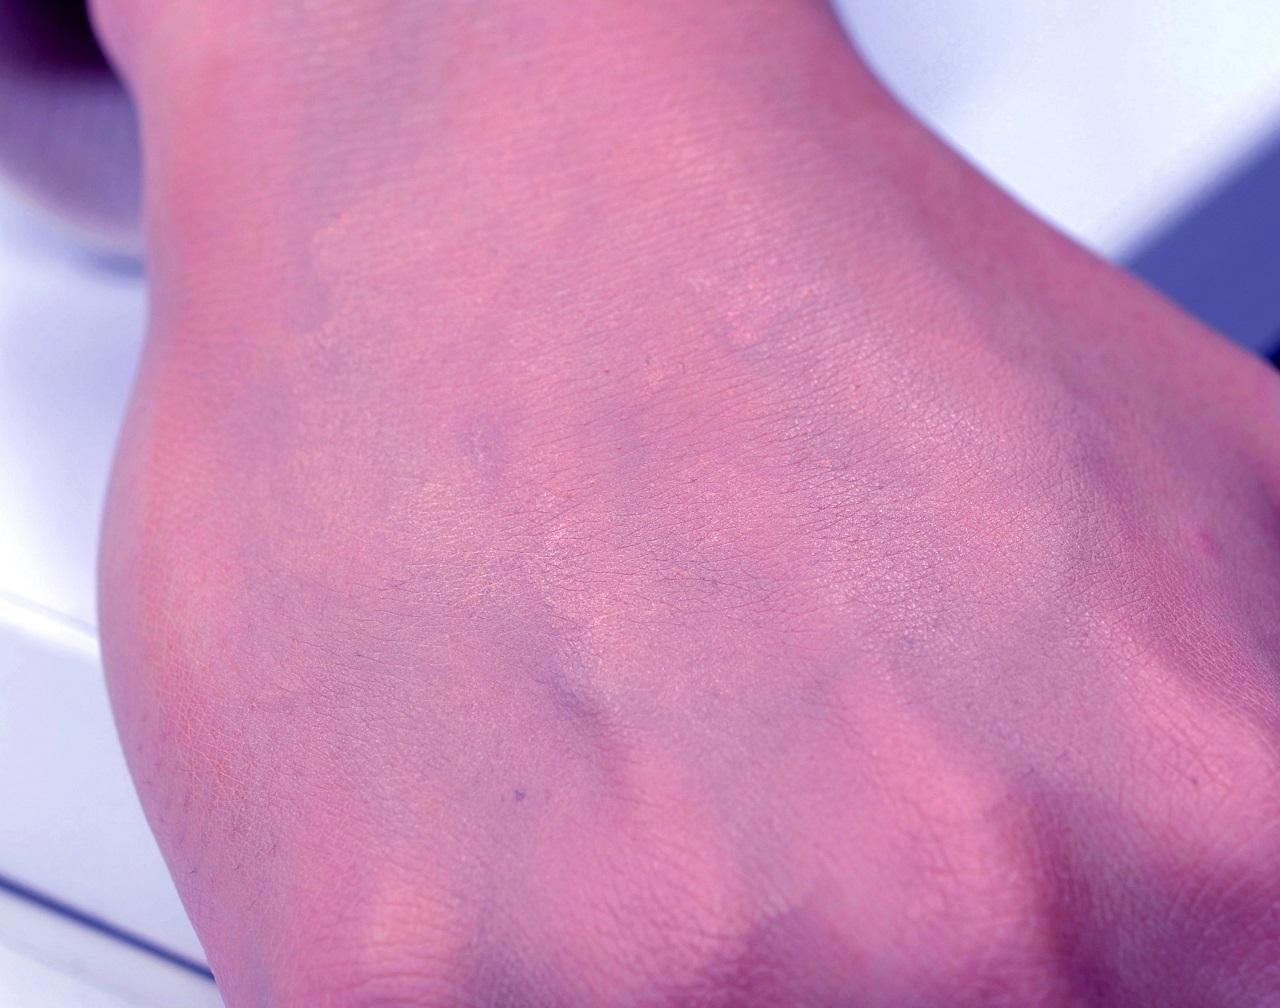 メイクスポンジやパフを使用すると、濃いところと薄いところのムラができる。